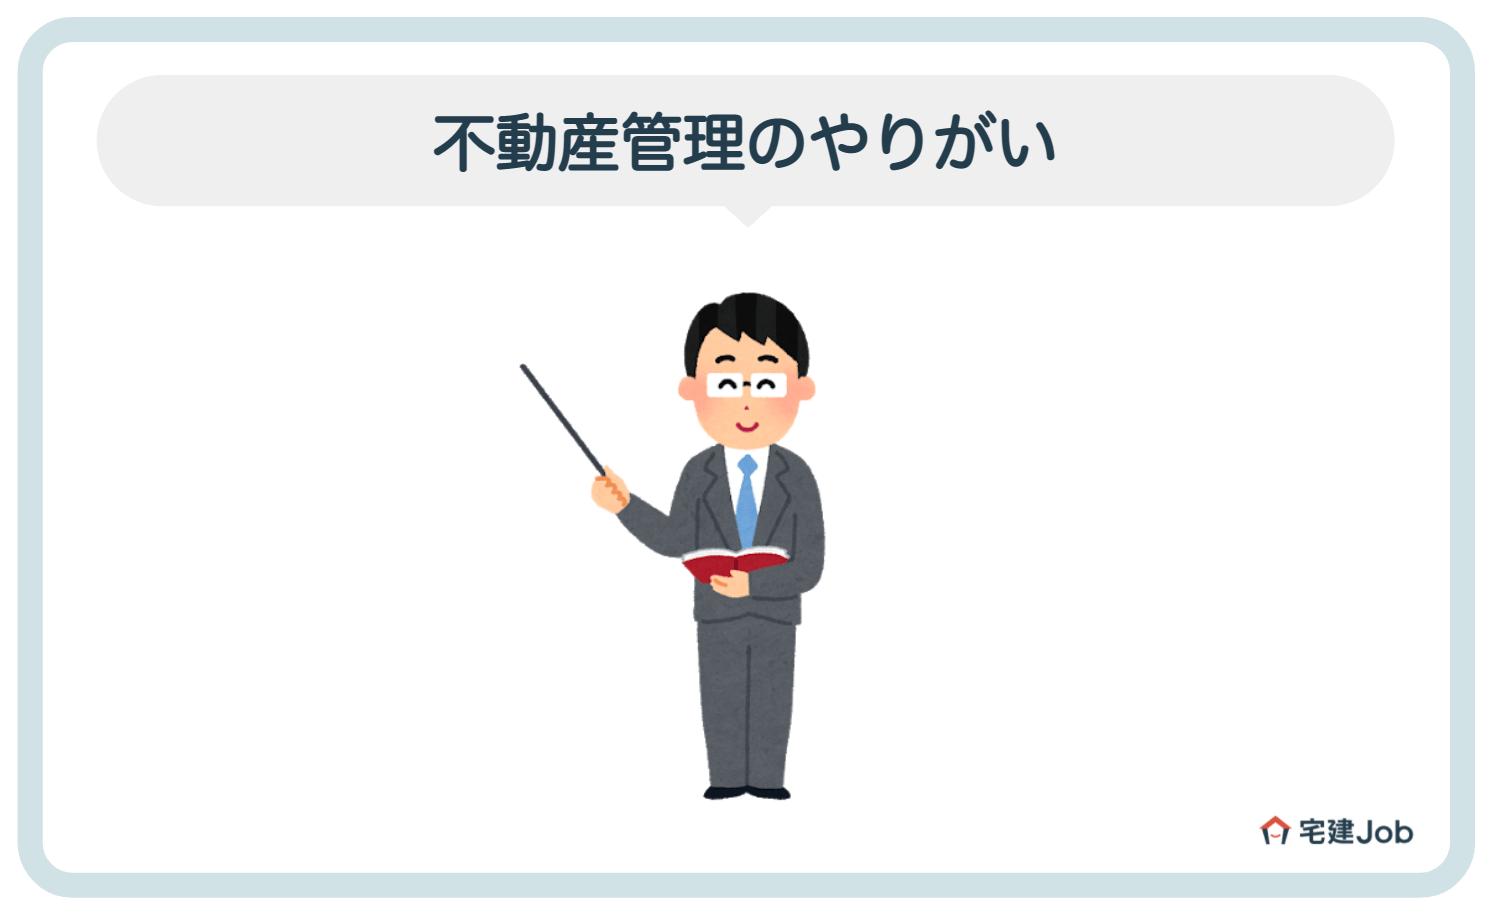 3.不動産管理として働くやりがい【きついだけじゃない!】